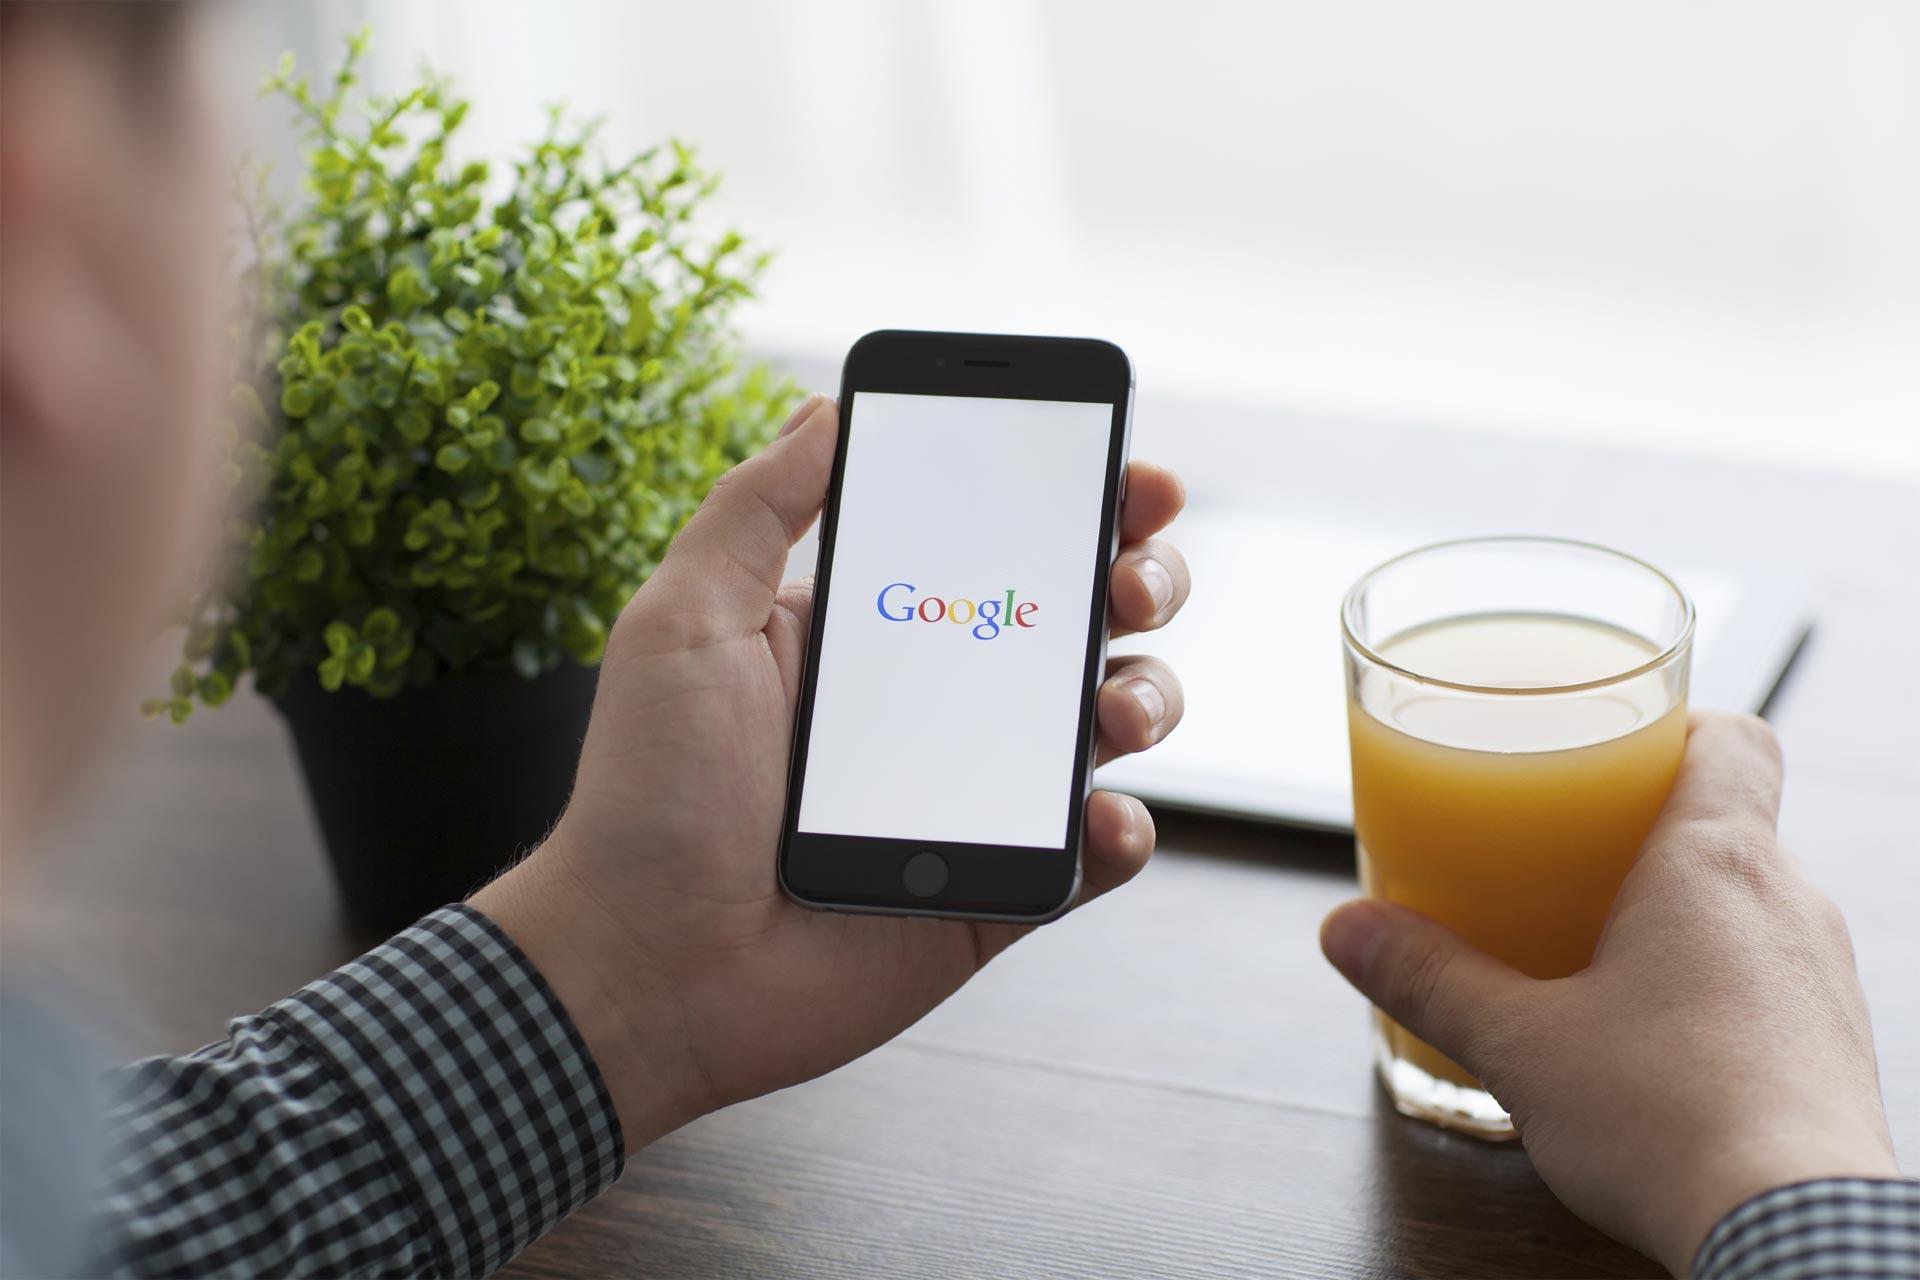 El gigante tecnológico da preferencia a sus propios servicios en las búsquedas en Internet